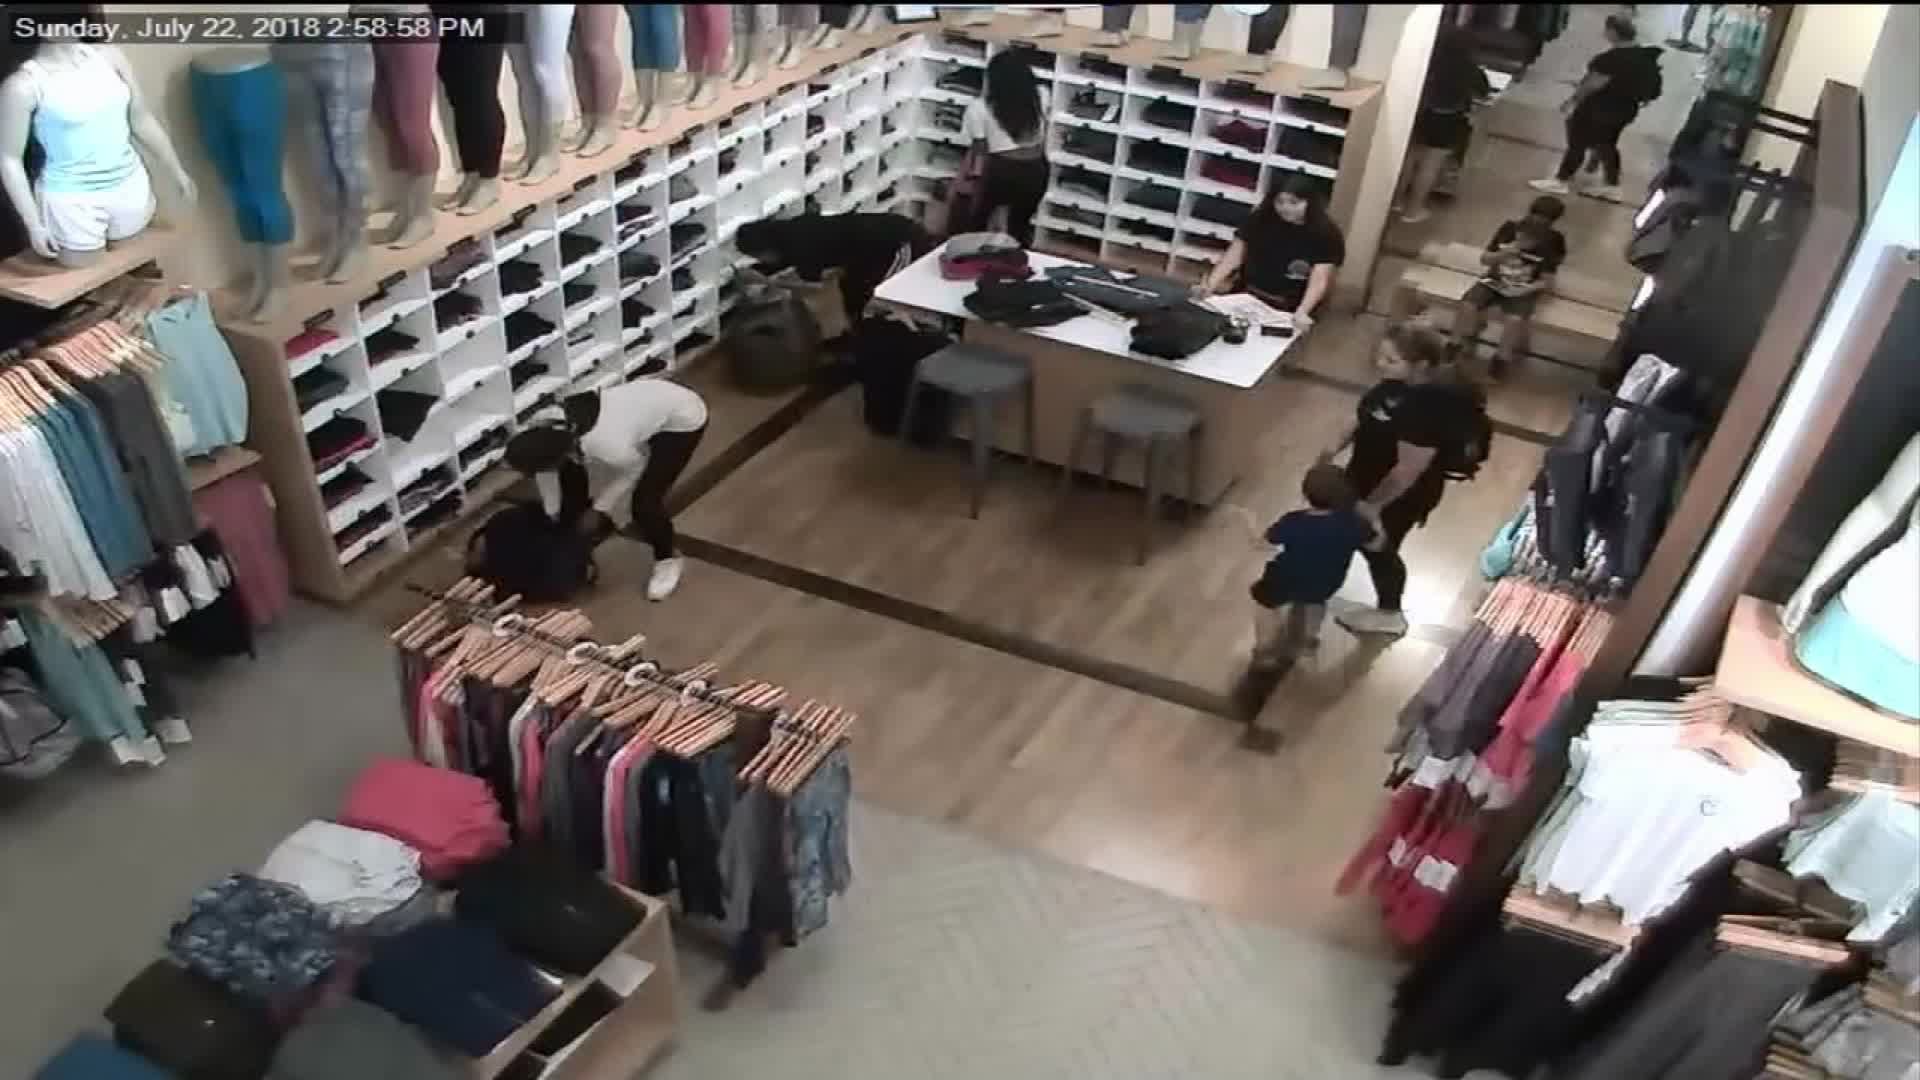 في غضون ثوان.. نساء يسرقن عدة أفرع لمتجر رياضي بأمريكا